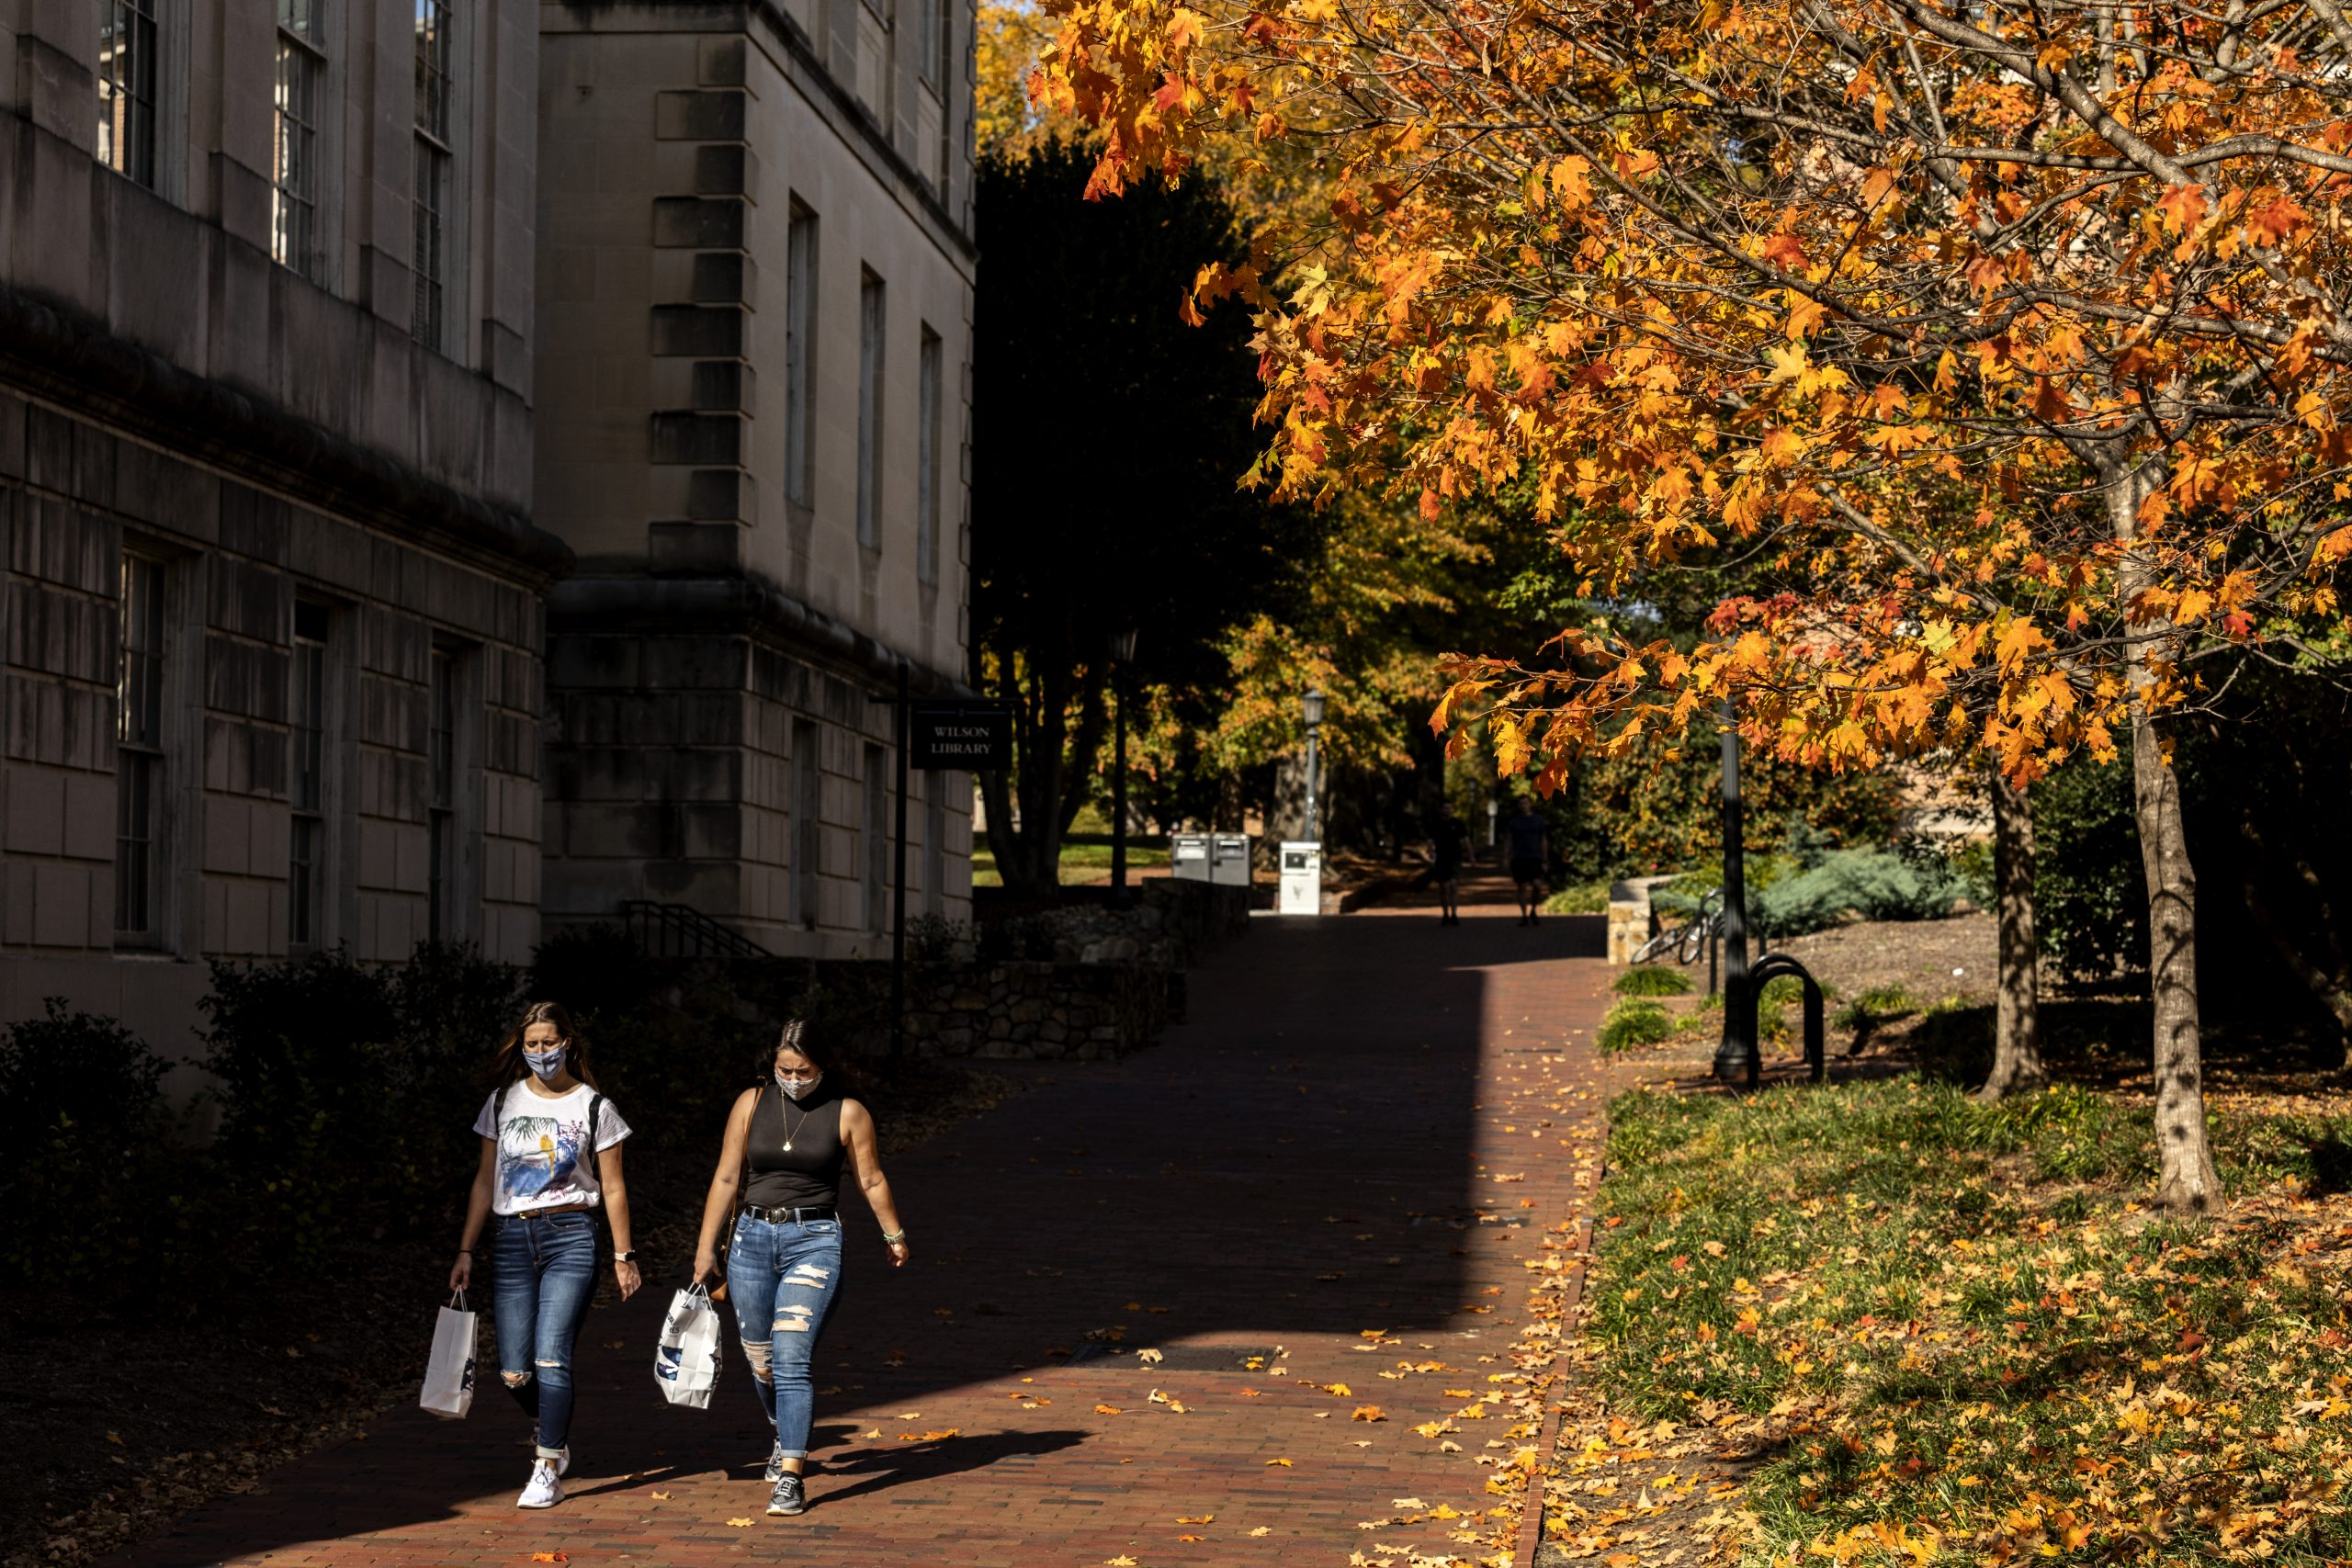 Autumn campus scene